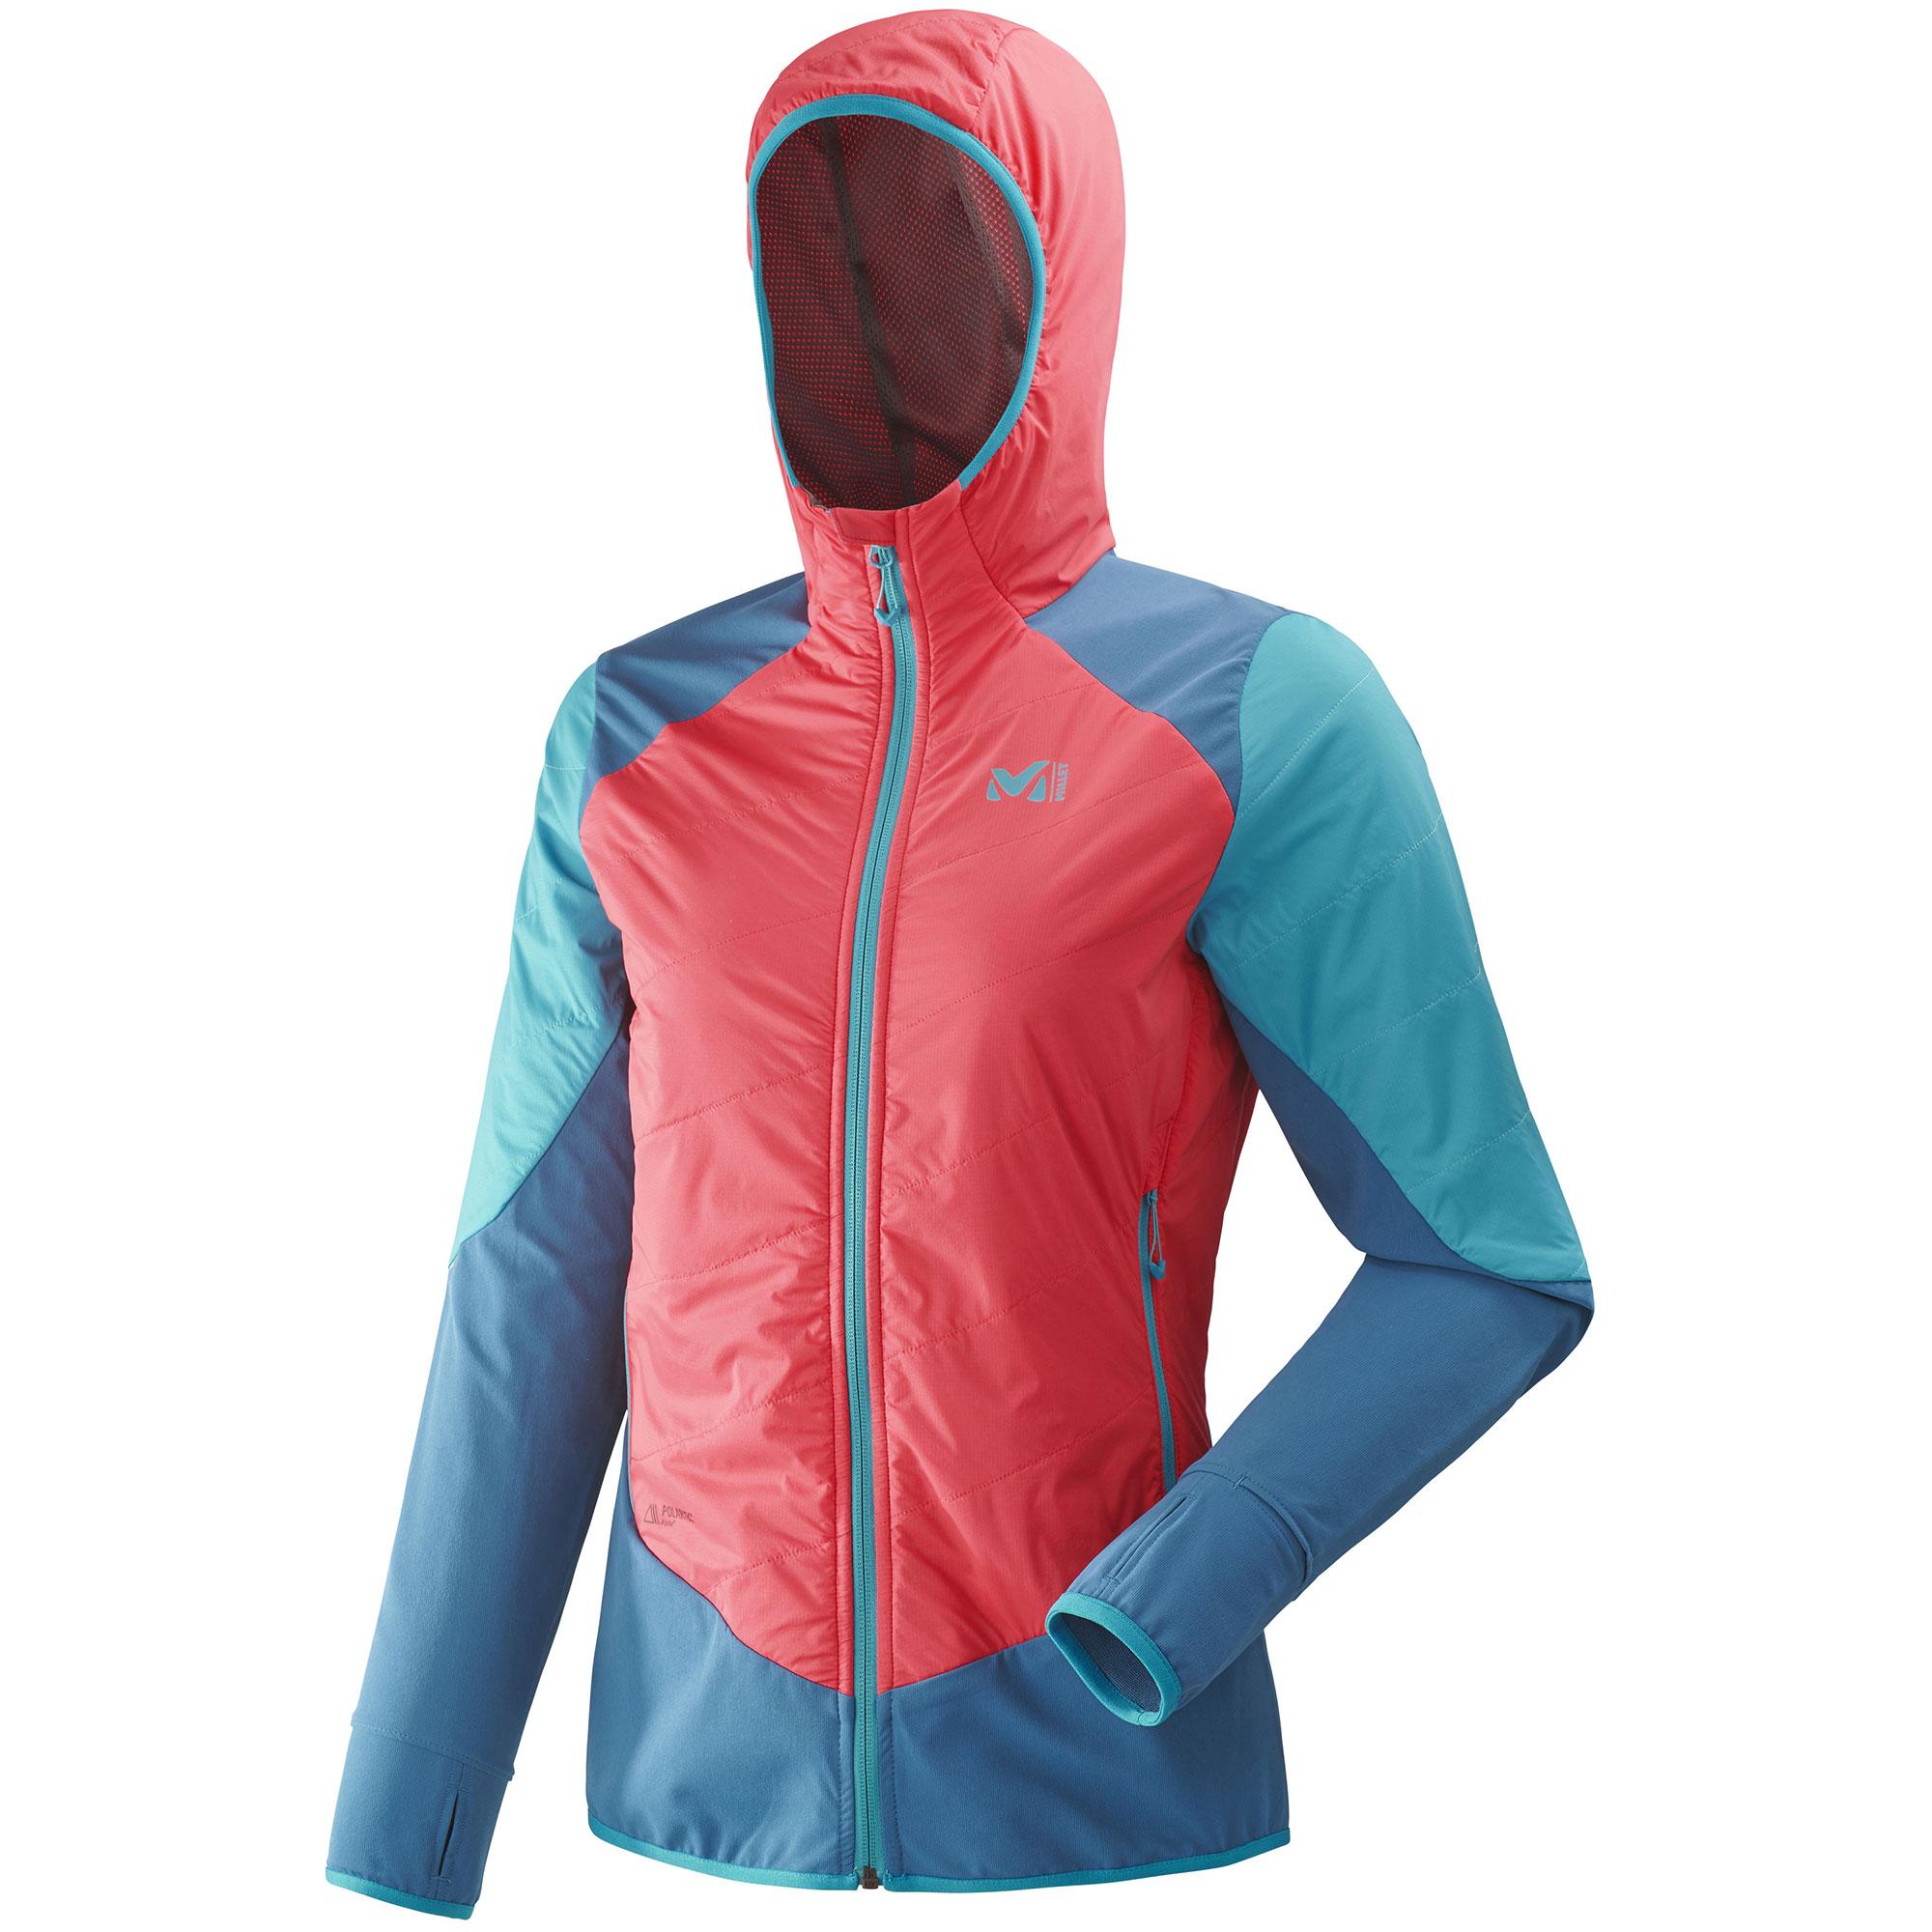 8ef15b358cfc Trekland - Predaj outdoorového oblečenia a turistických potrieb ...